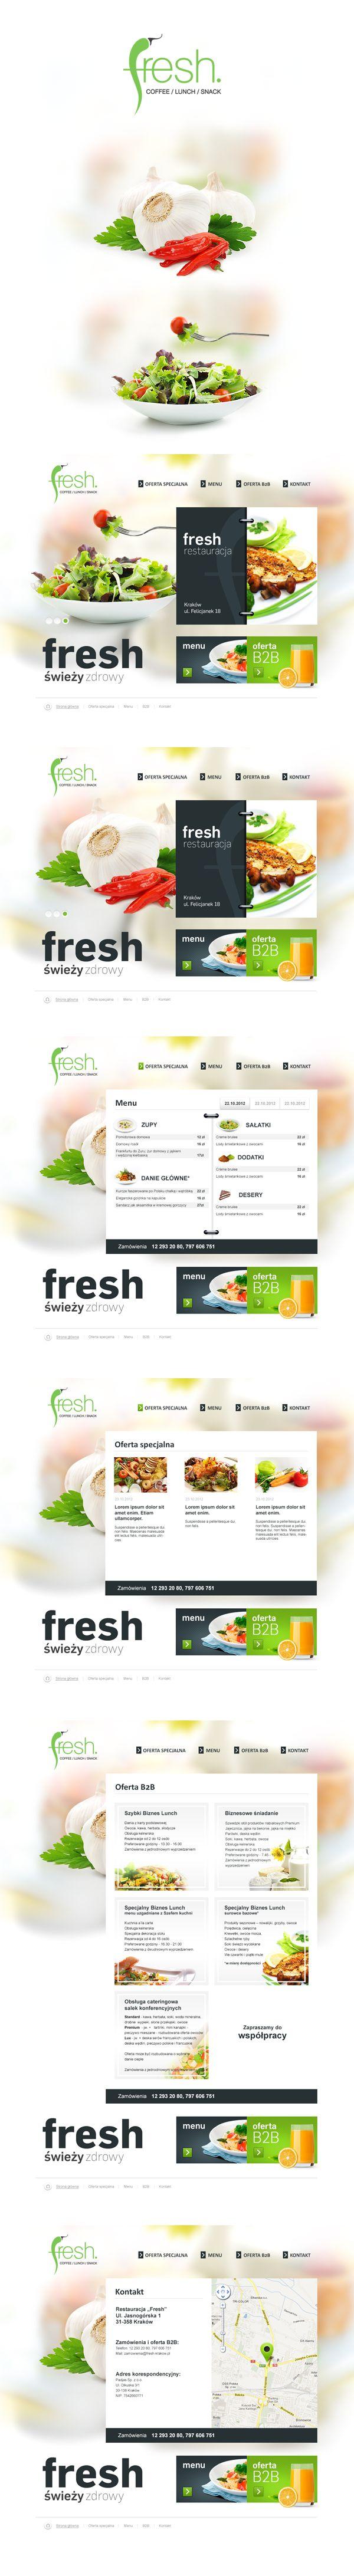 Fresh by Bartłomiej Gęboliś, via Behance - #webdesign